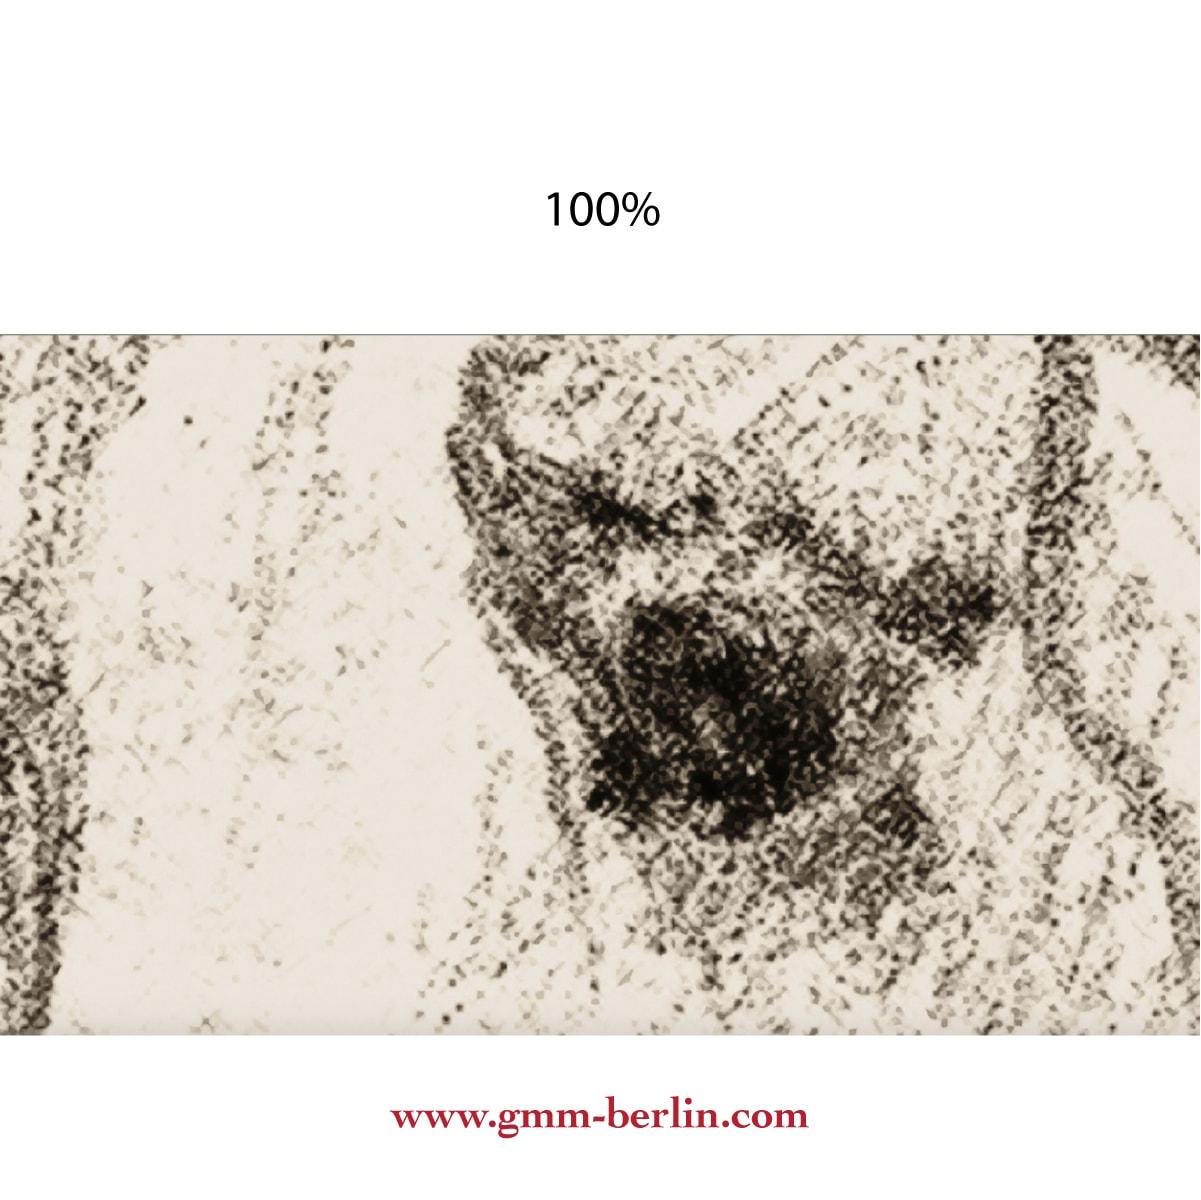 gmm_1b_00145_detail